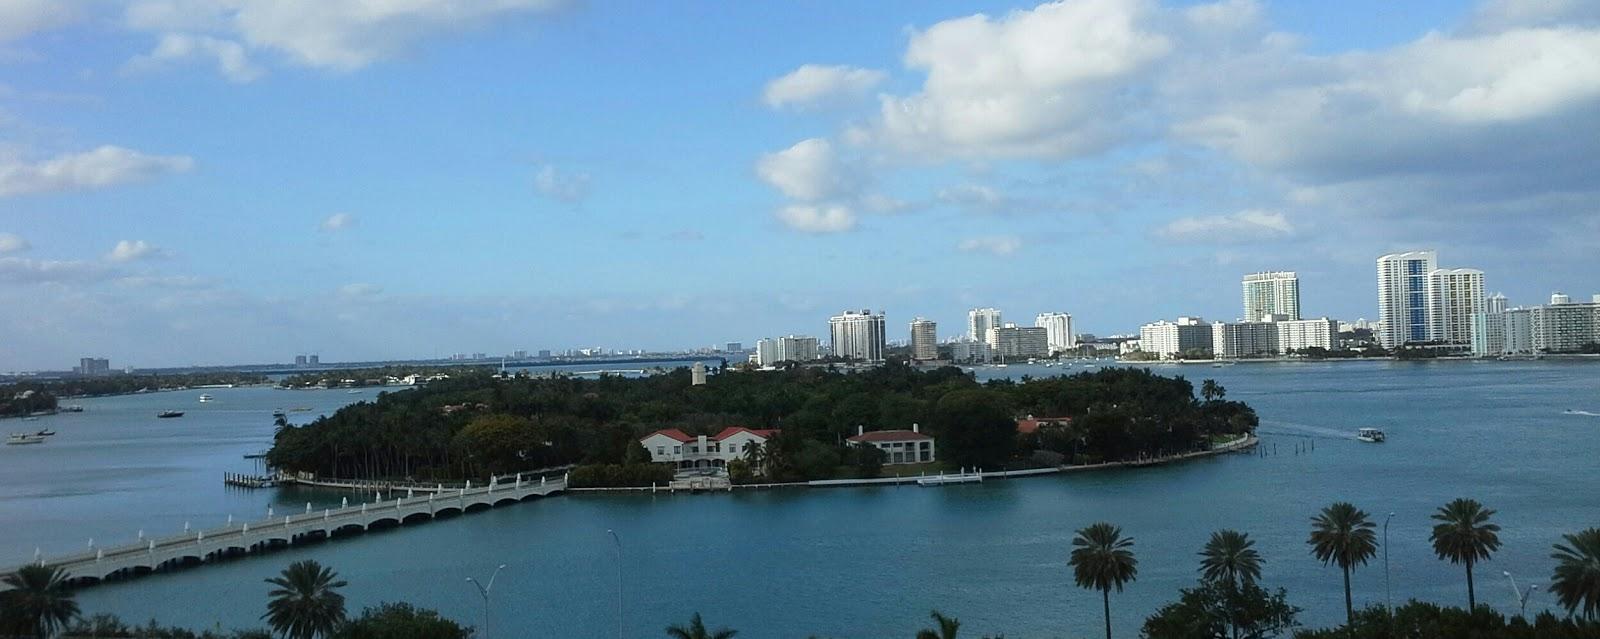 Miami Floride